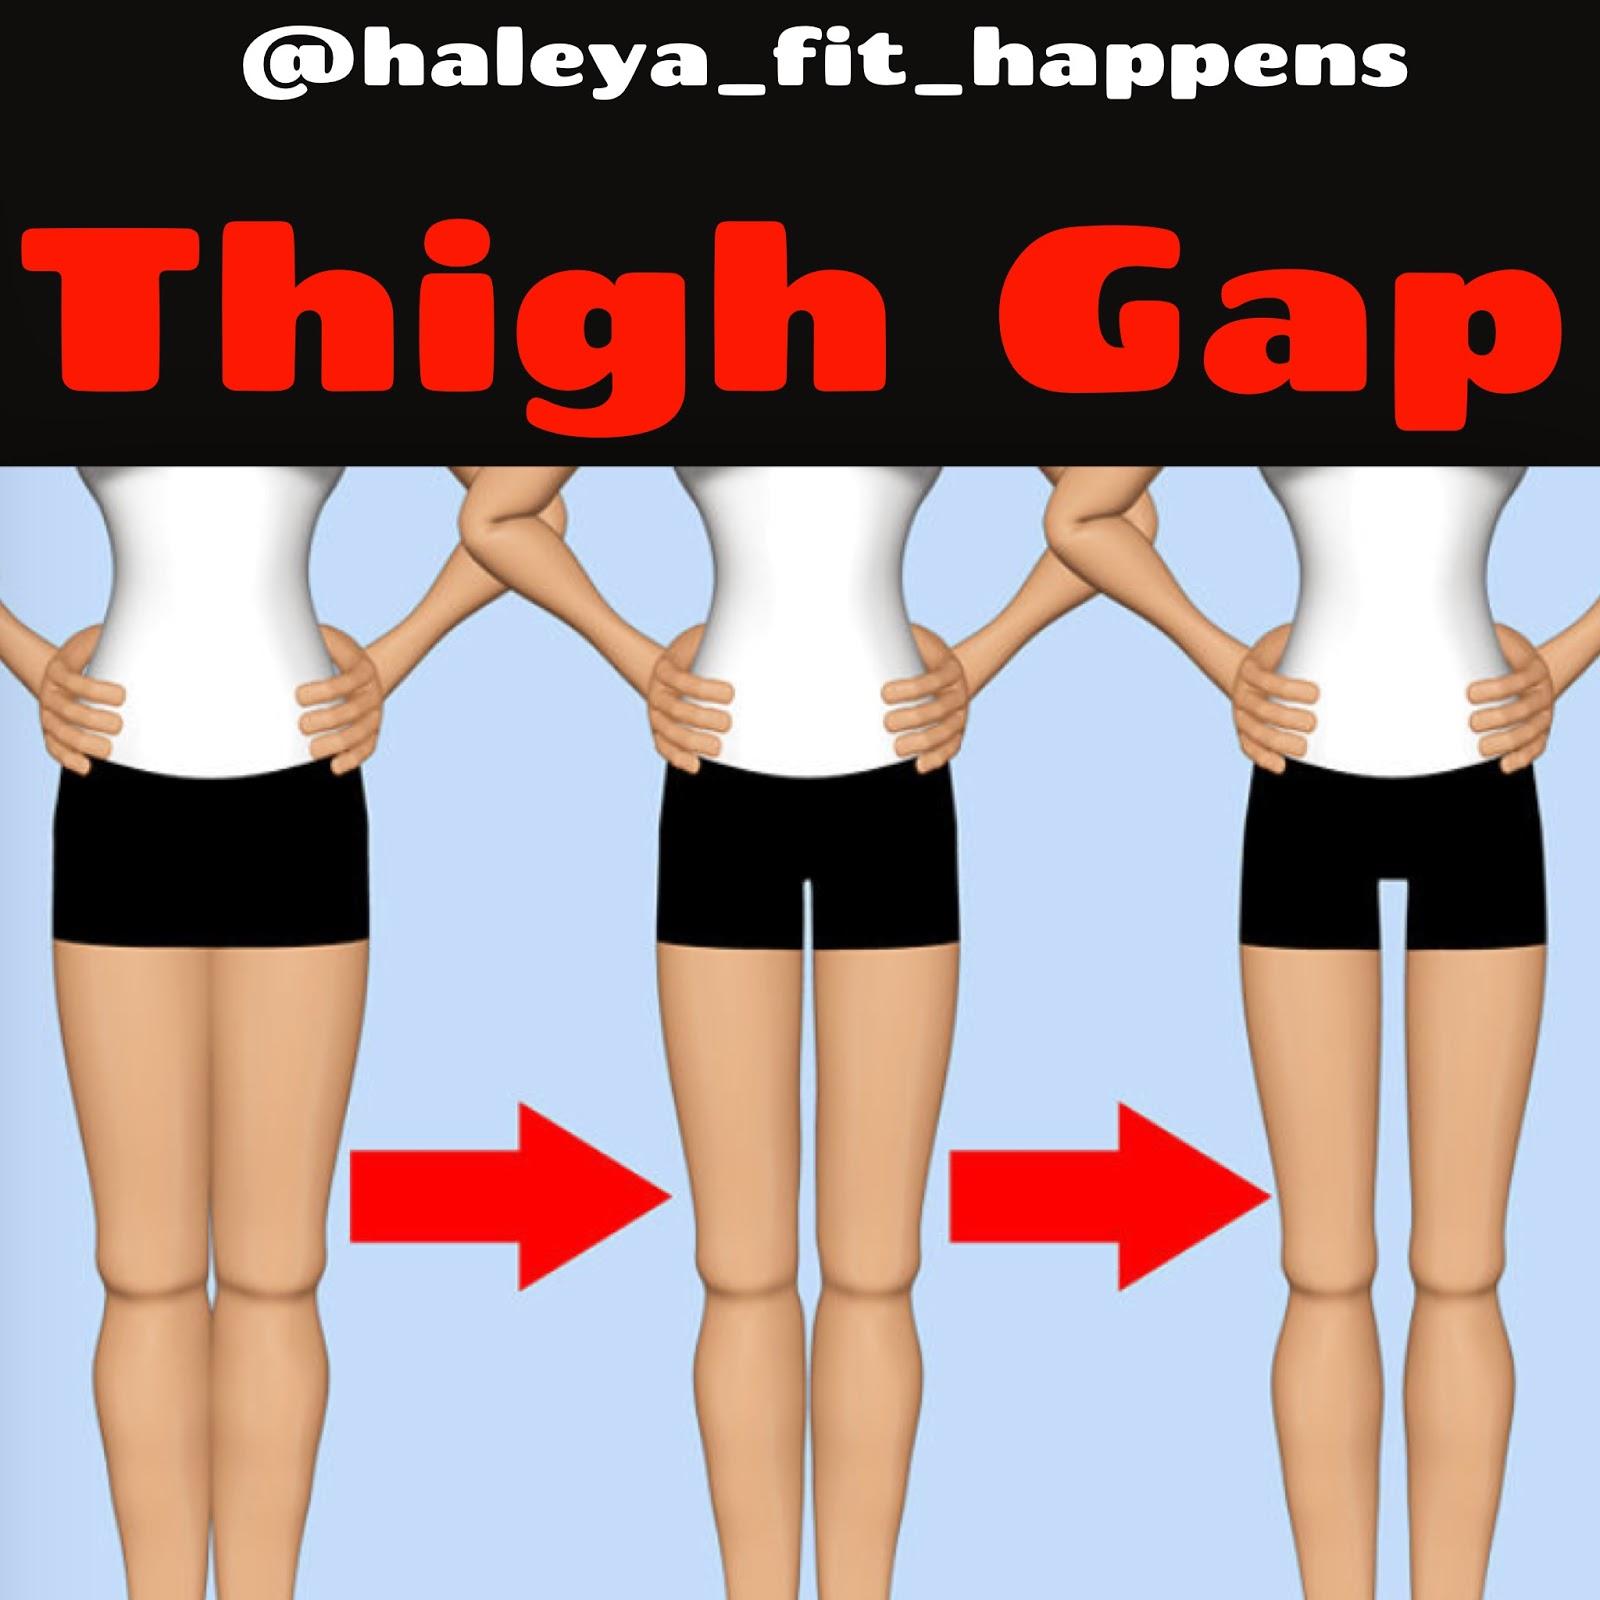 Gap between thigh